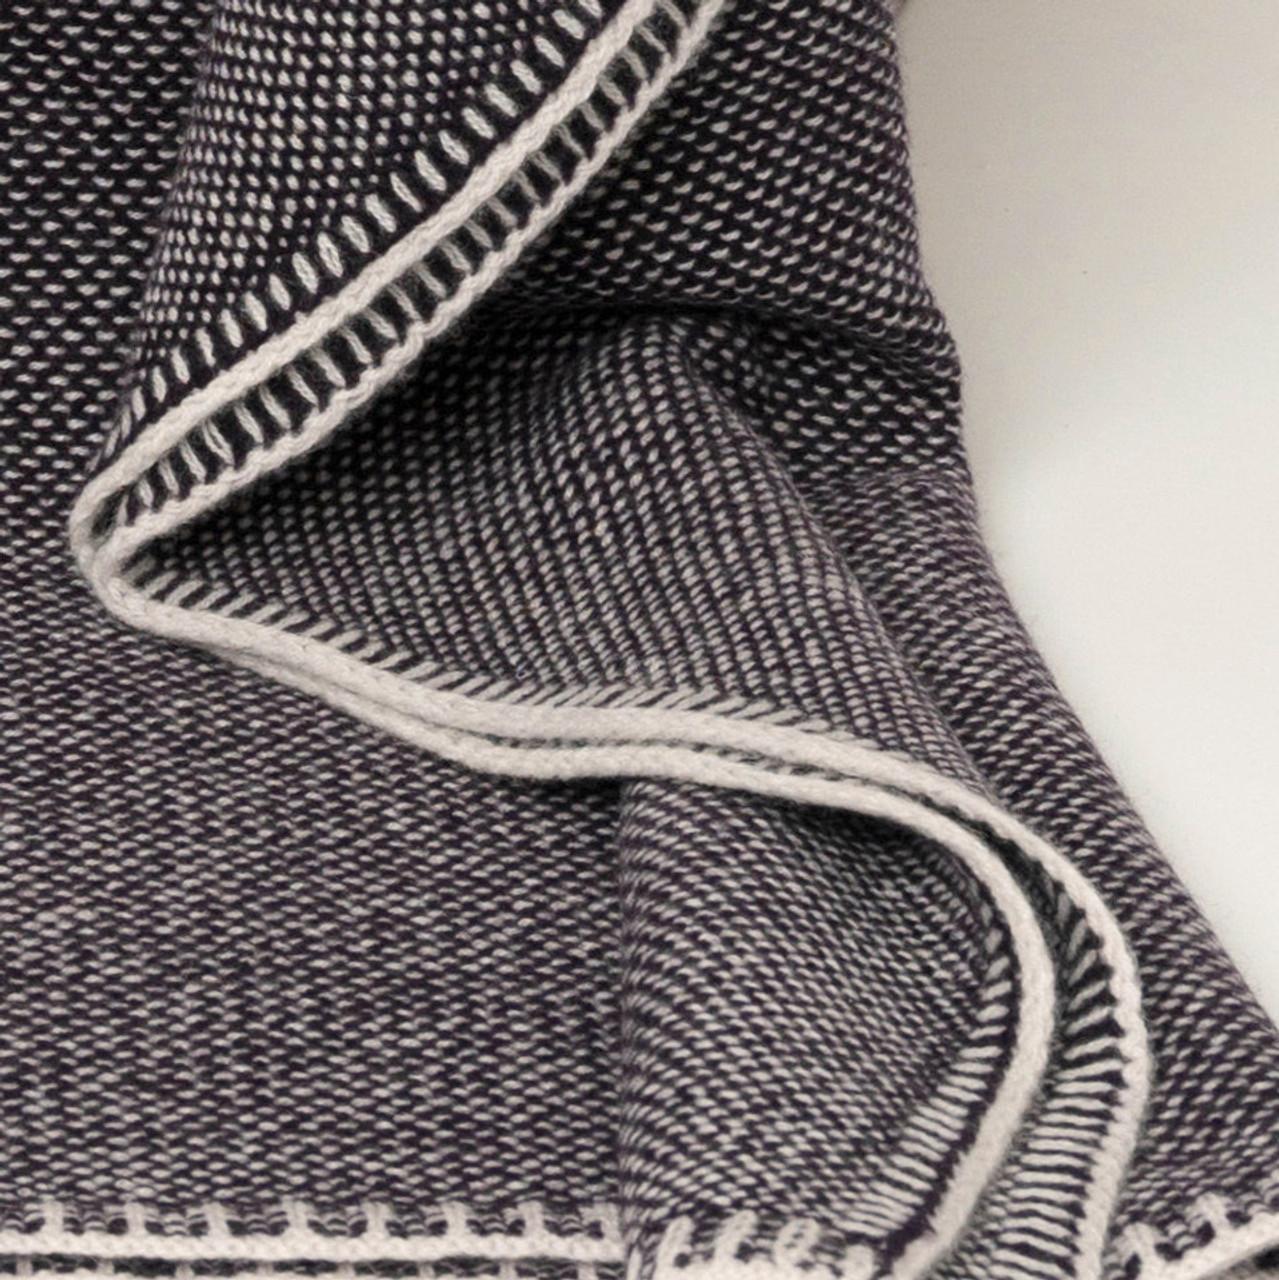 Aubergine Bird's Eye Knit Cashmere Throw